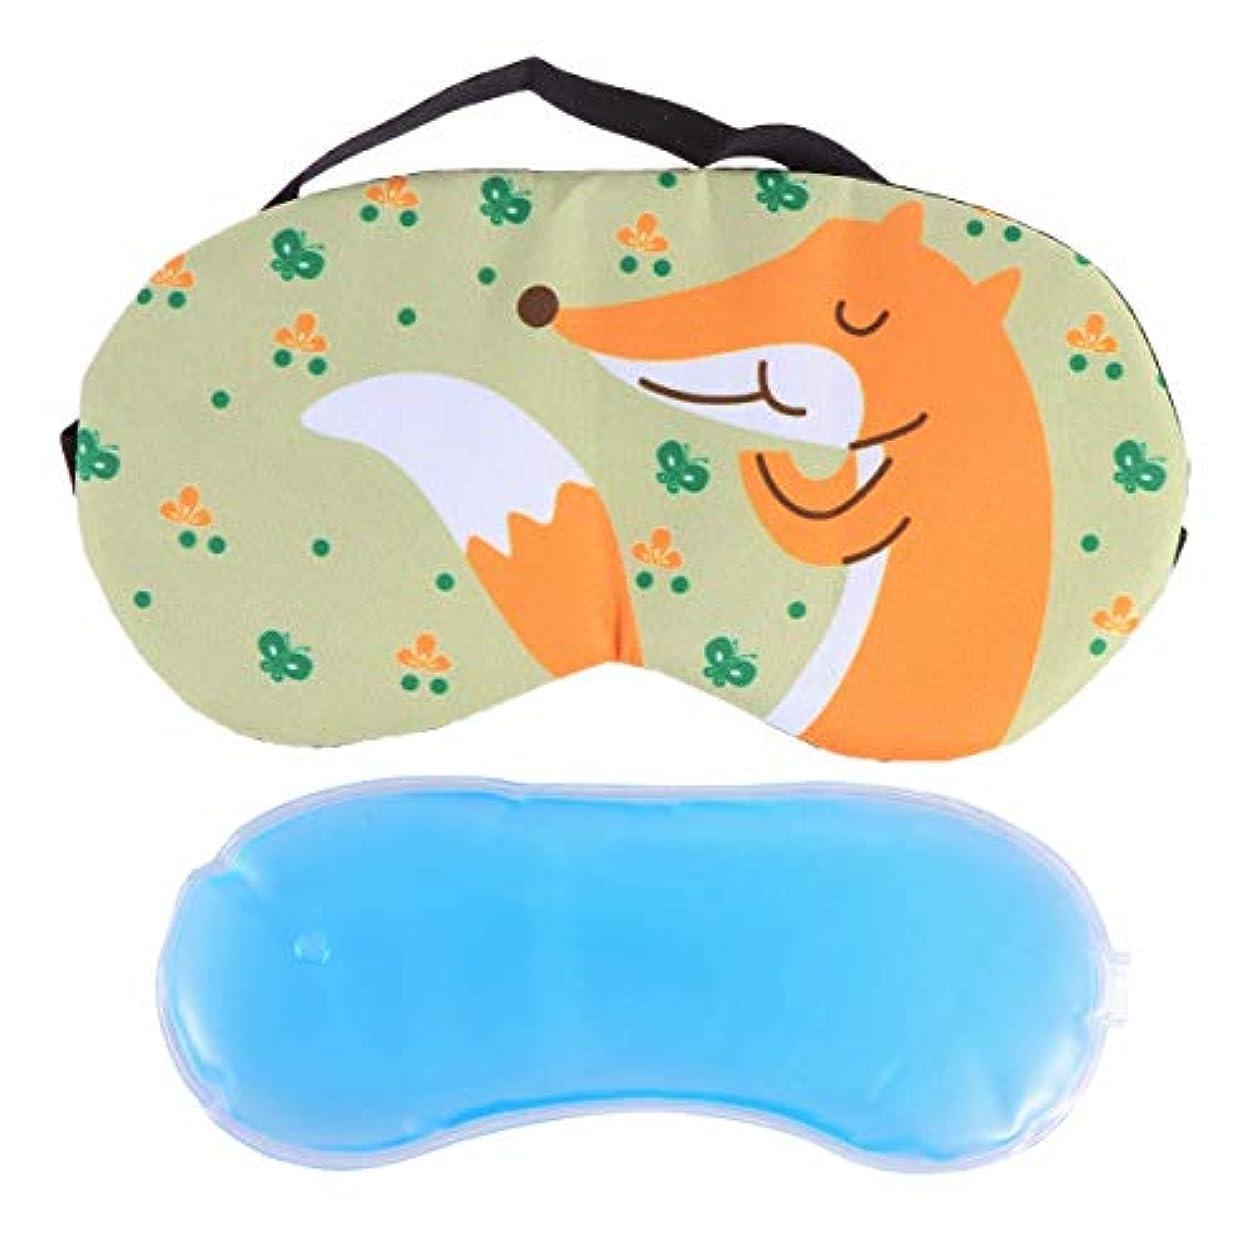 季節静かに窓を洗うHealifty アイマスク ゲル アイスパッド アイスアイマスク 目隠し リラックス 冷却 パック 再使用可能 目の疲れ軽減 安眠 血行促進(イエローフォックス)